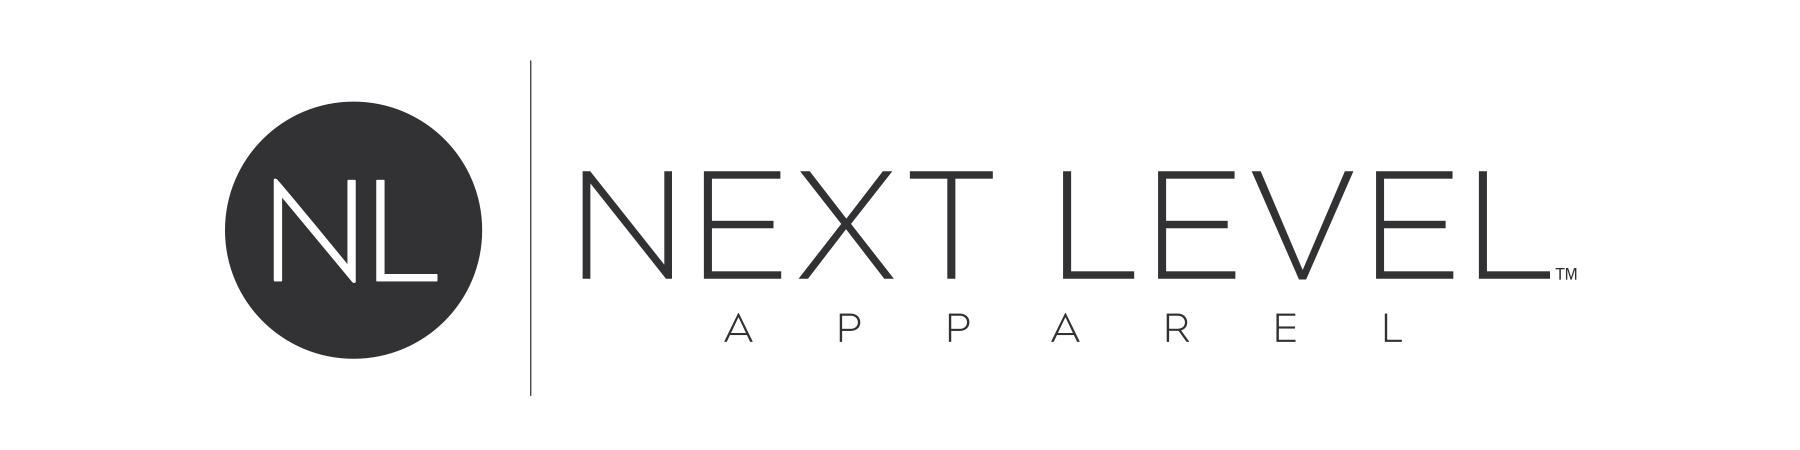 next-level-logo.jpg